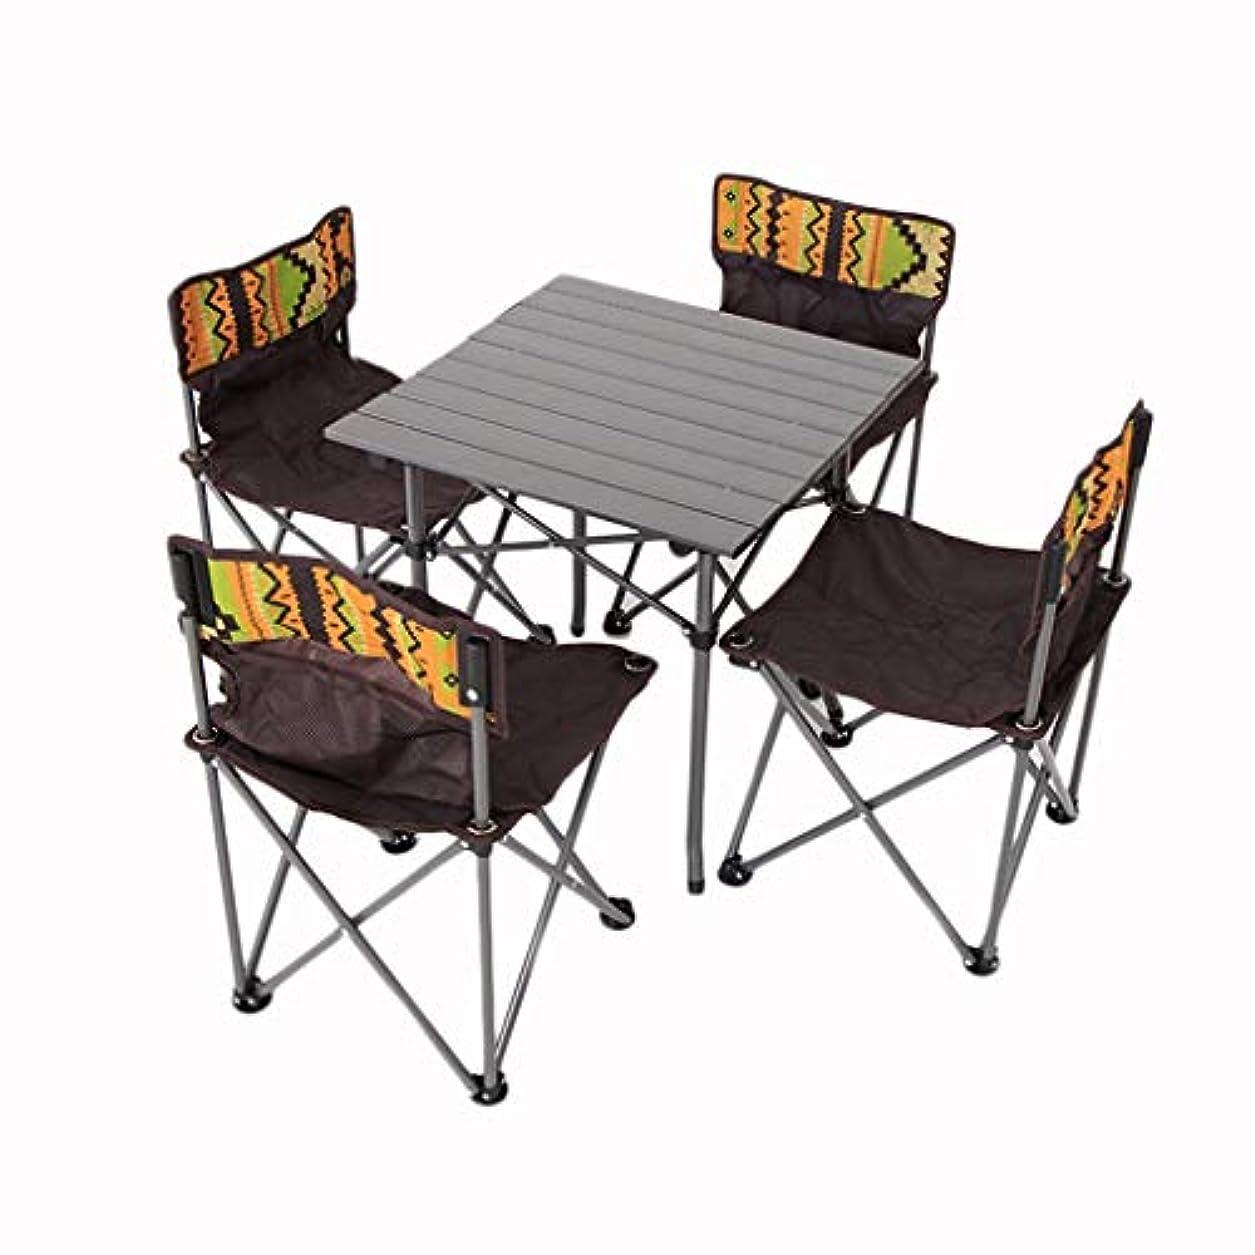 すすり泣き却下する結果としてテーブル?チェアセット 折りたたみ式テーブルアルミカウンタートップ折りたたみ式テーブル付きオックスフォードスツールテーブル屋外ピクニックキャンプディナーテーブル (Color : Brown, Size : 50*51*51cm)